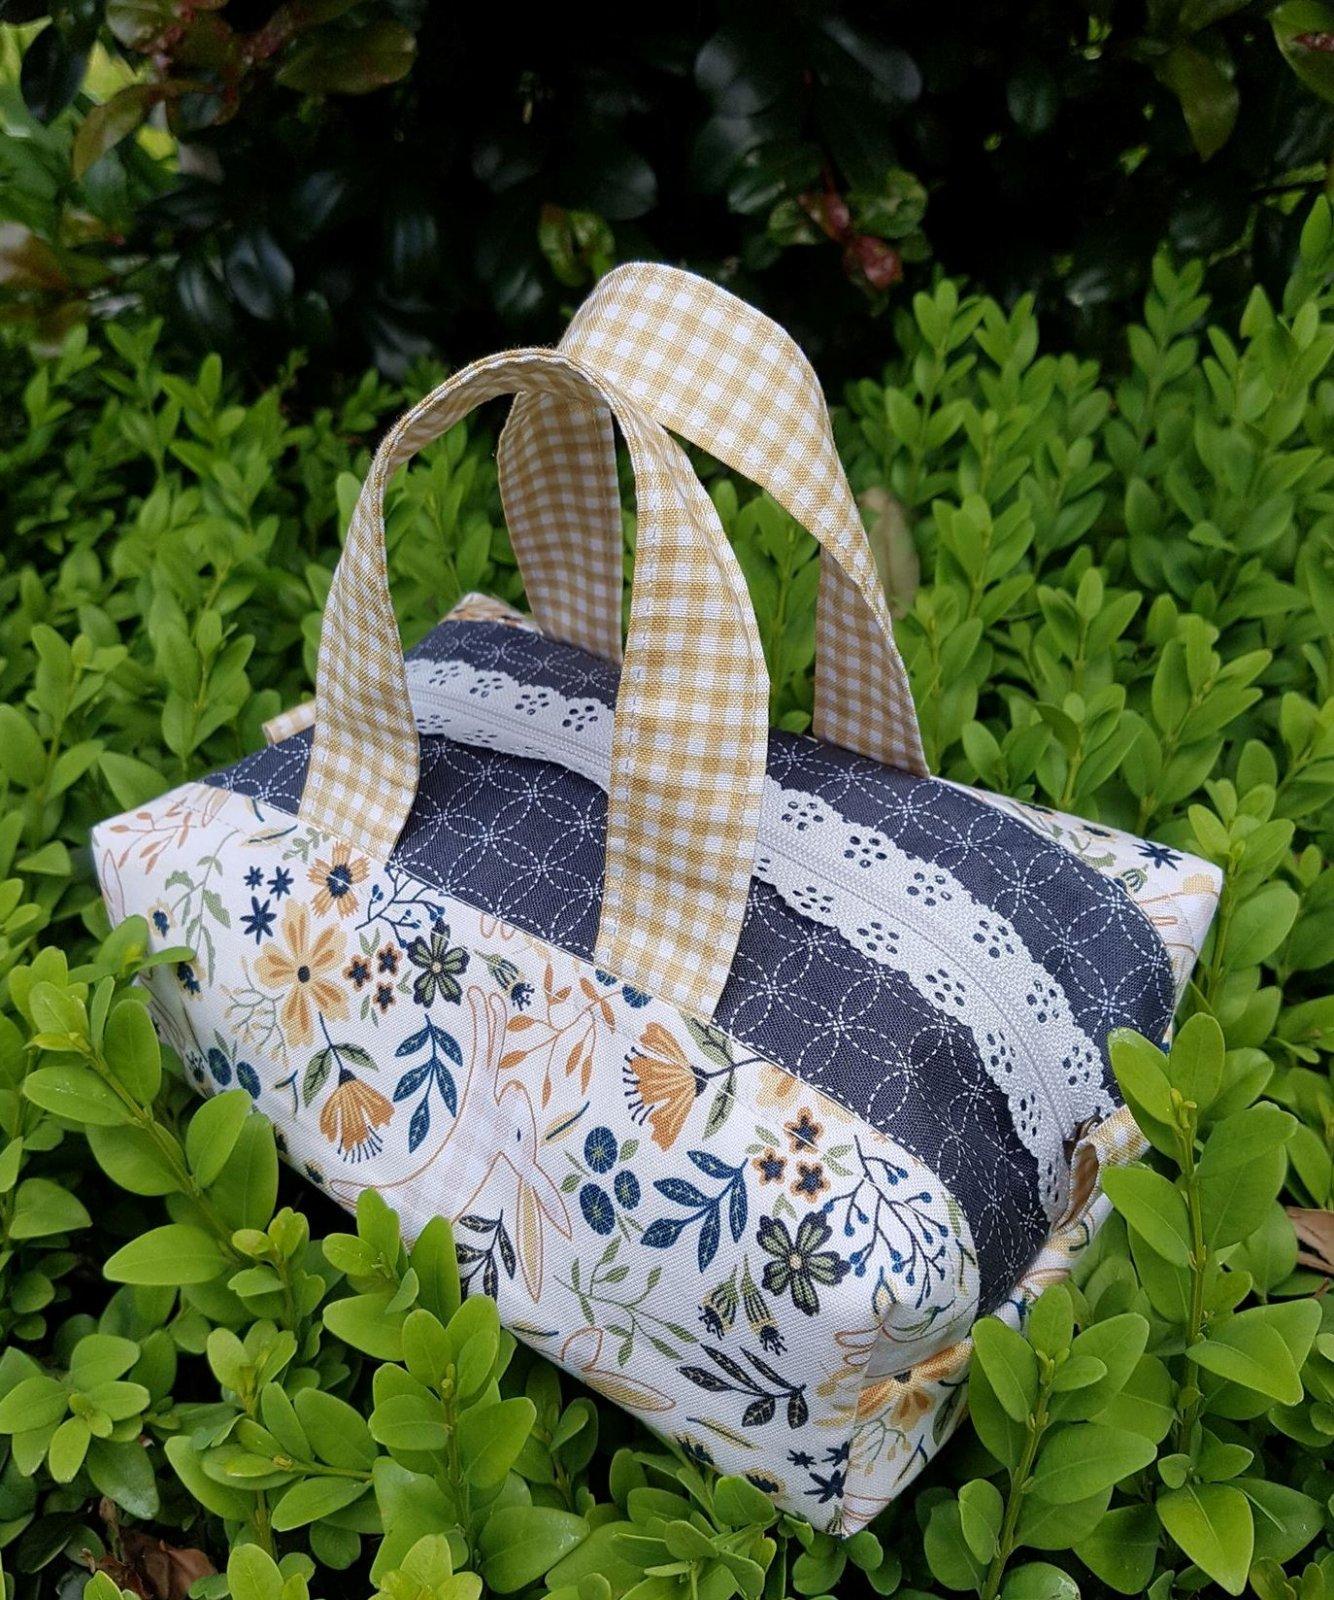 Stitch in Spring Bag kit